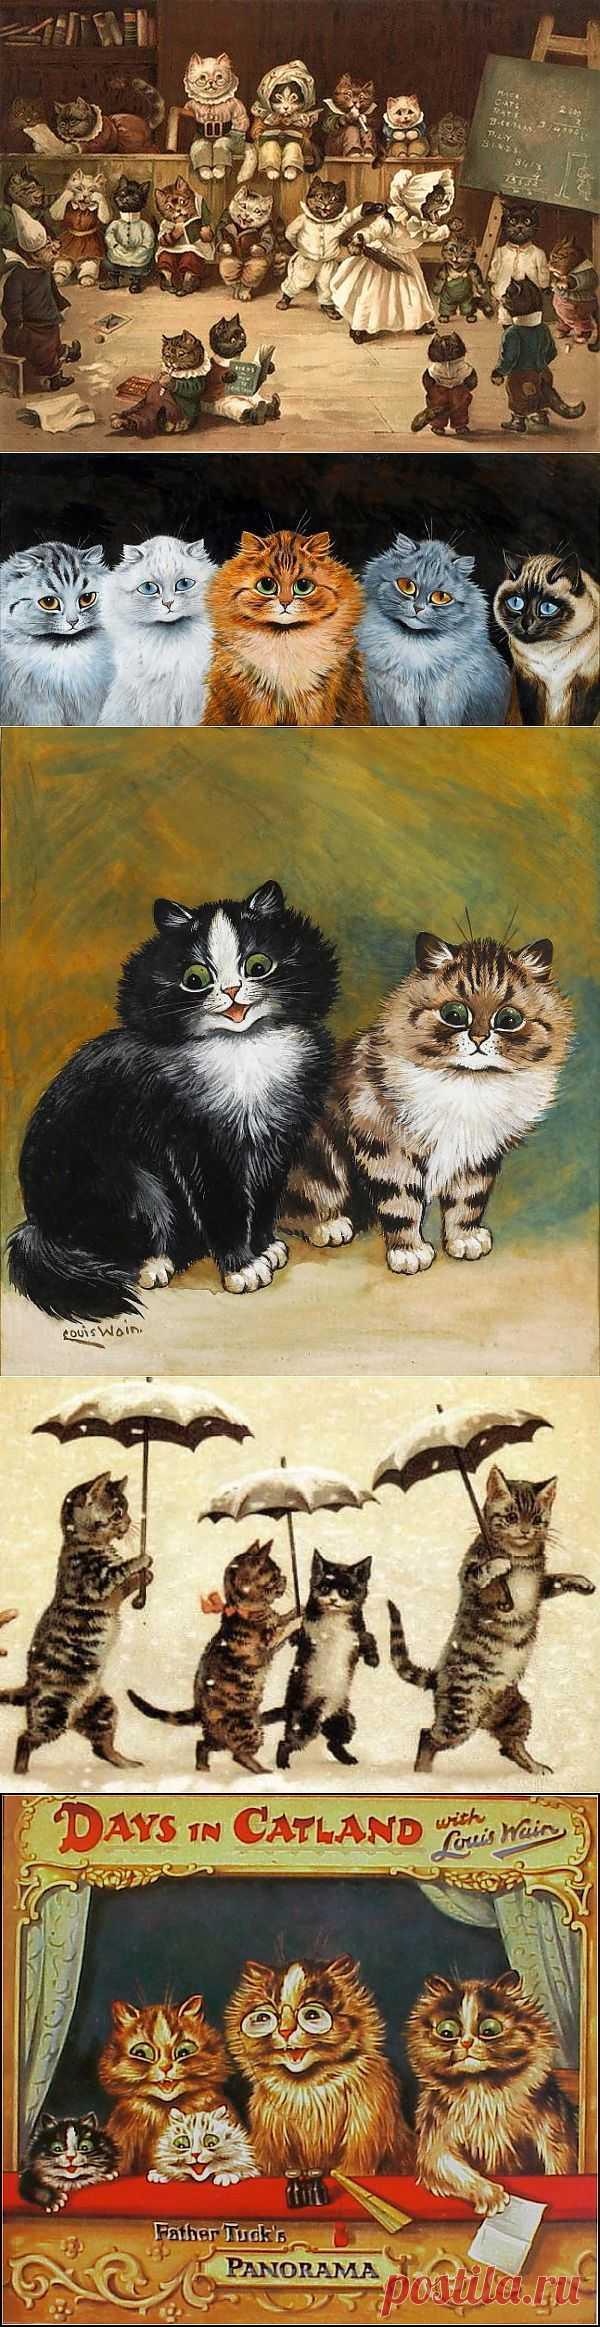 Из жизни котов Викторианской эпохи. Louis William Wain.